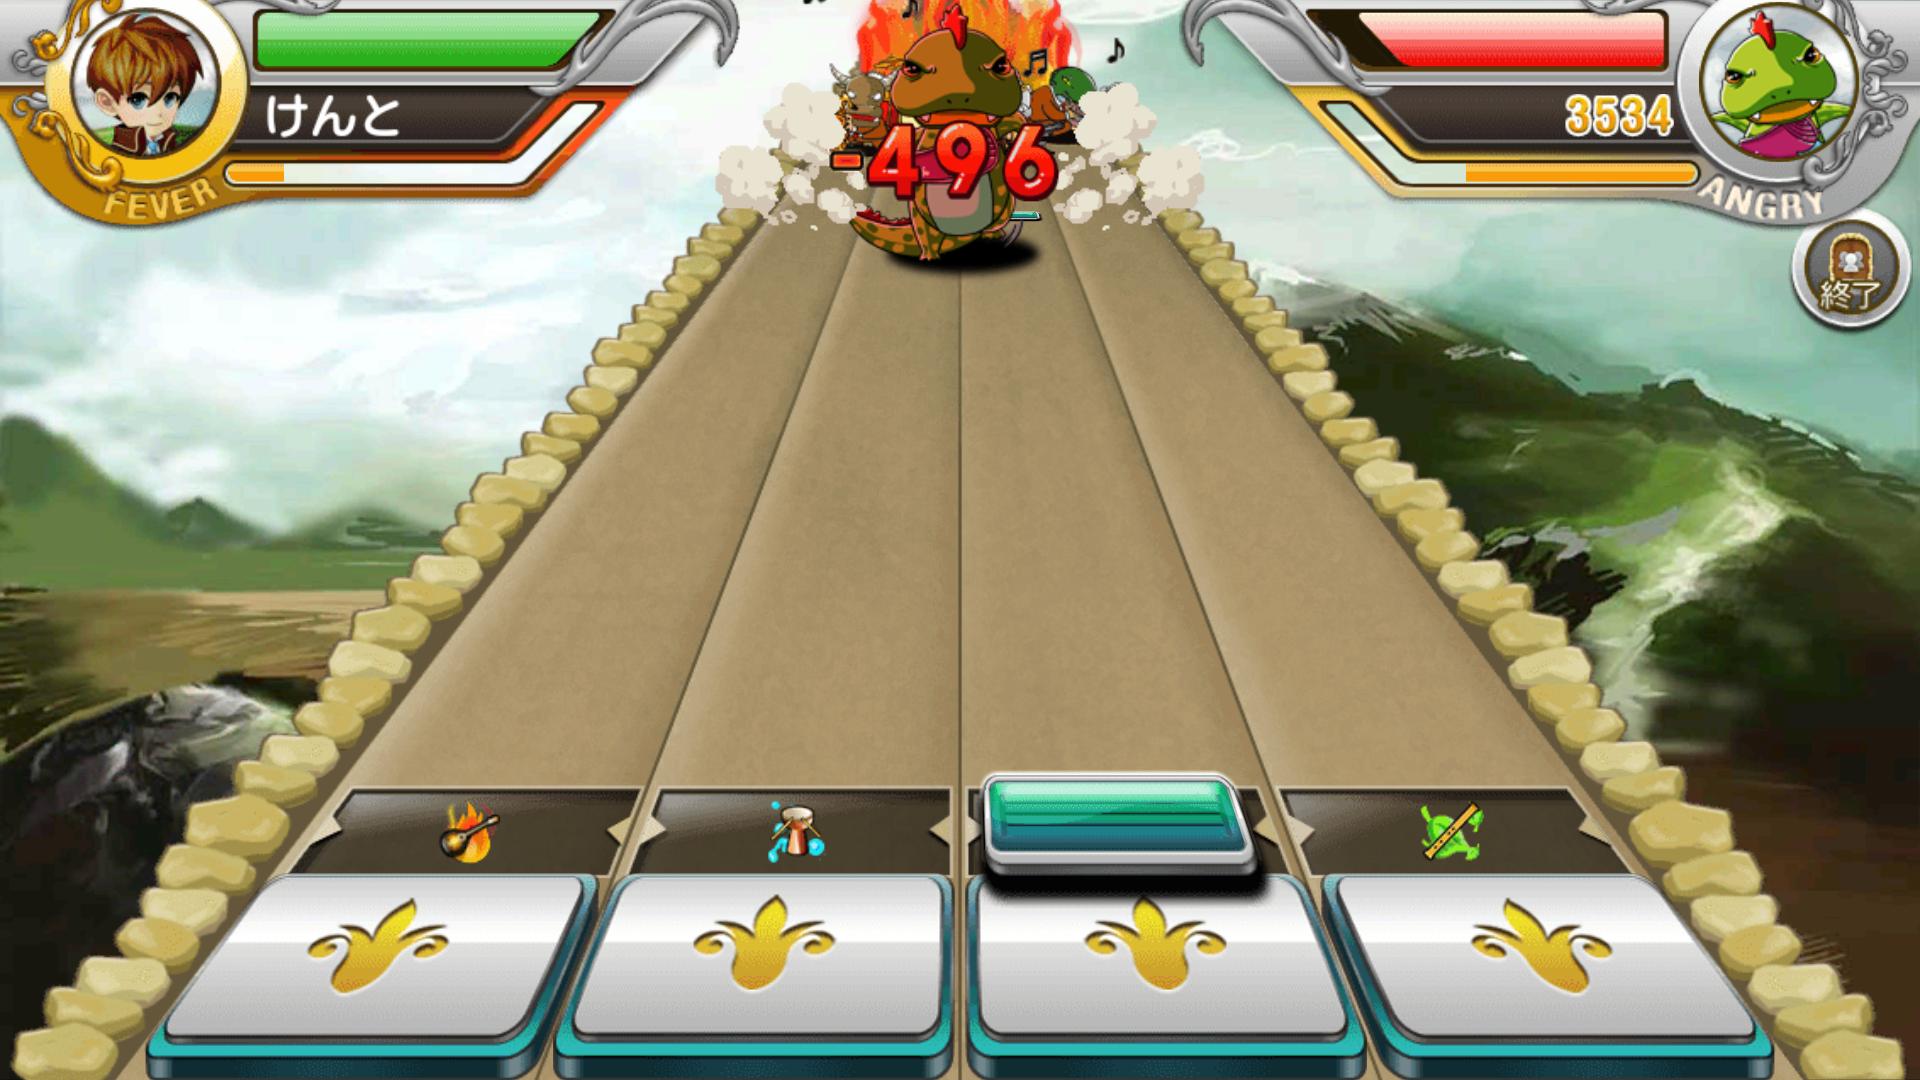 ヒーローの歌 androidアプリスクリーンショット1